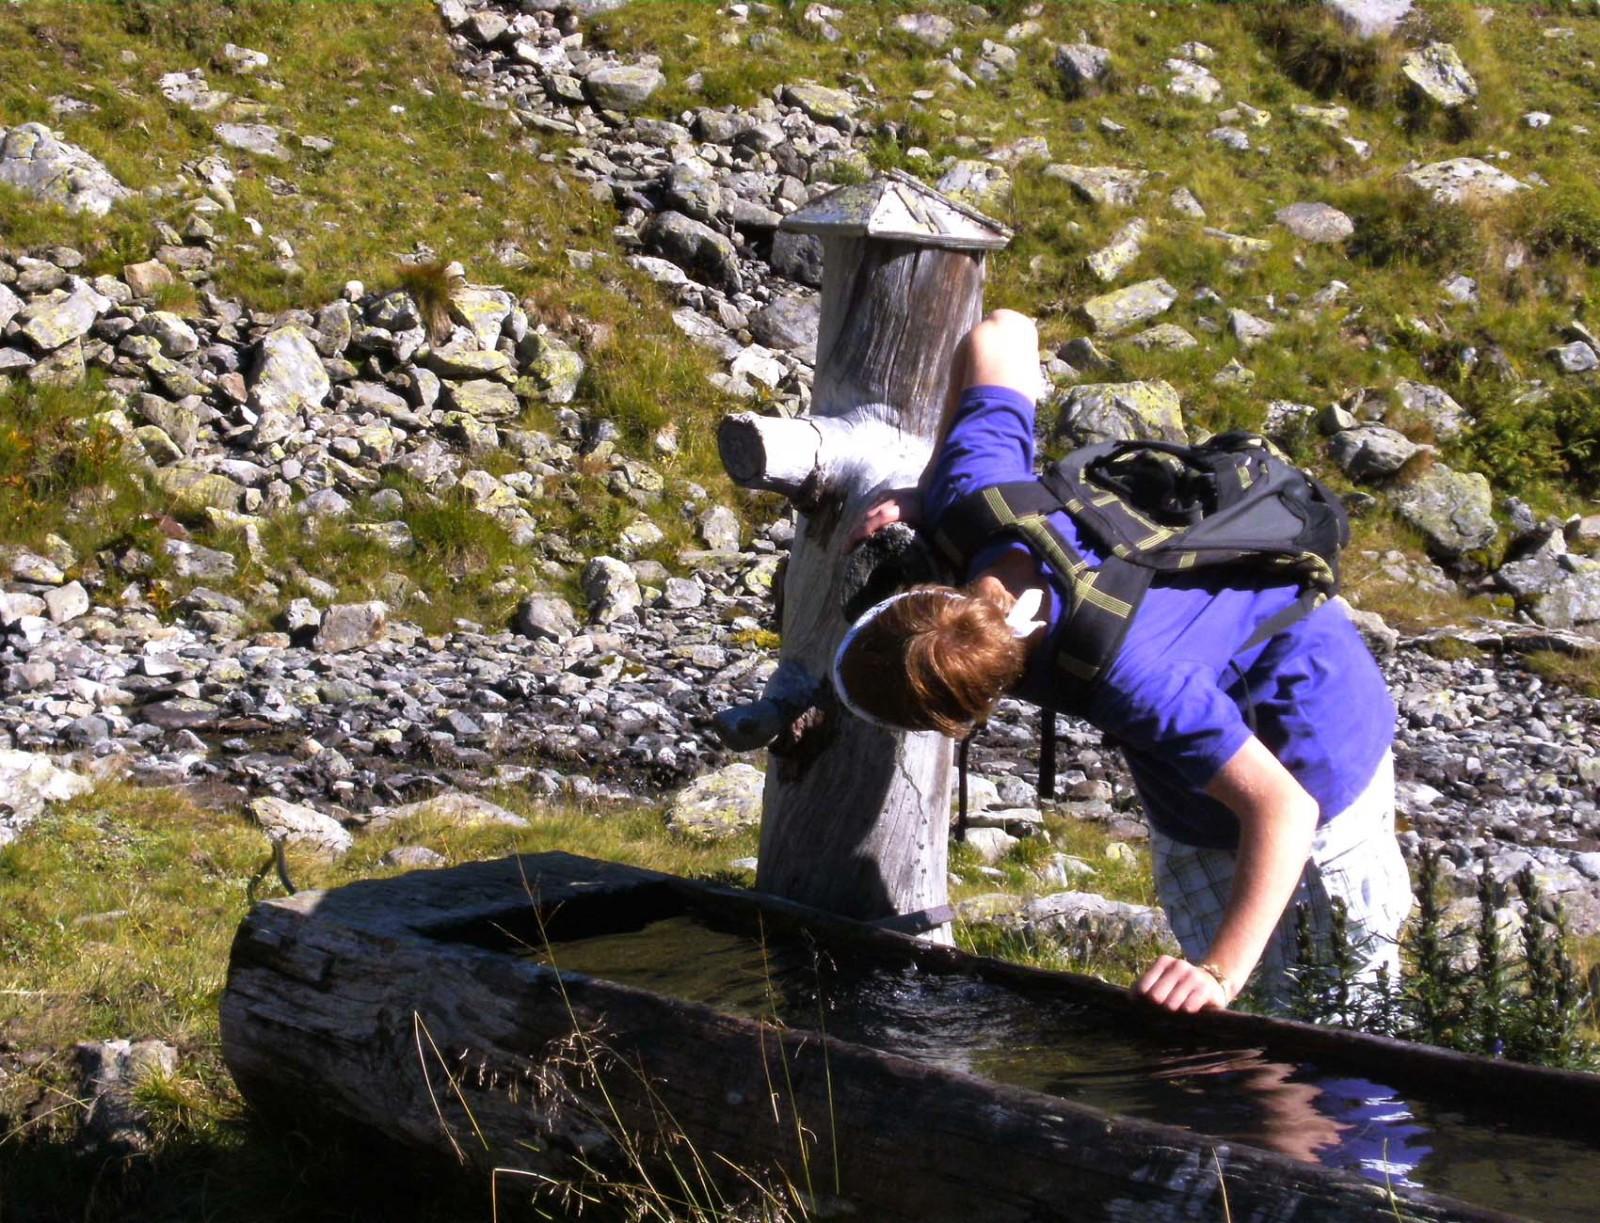 Kühle Erfrischung beim Brunnen Landwierseehütte